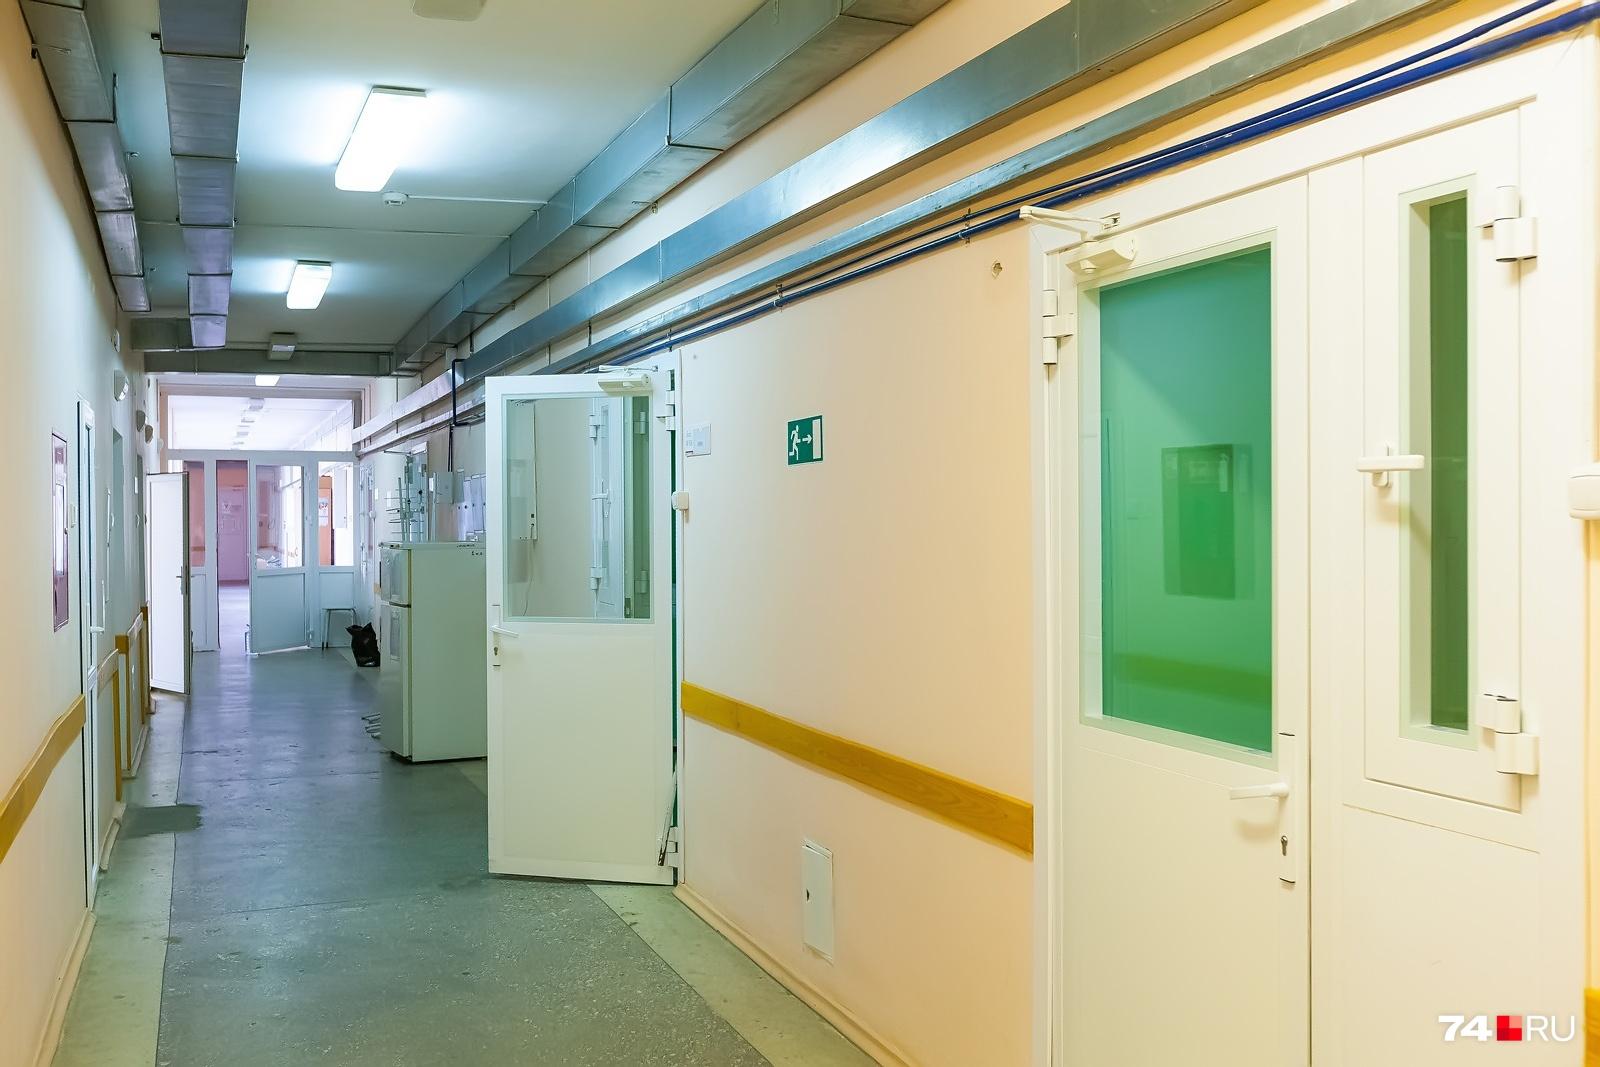 Пациент с подозрением на коронавирус оказался в общей палате в инфекционном отделении горбольницы № 8